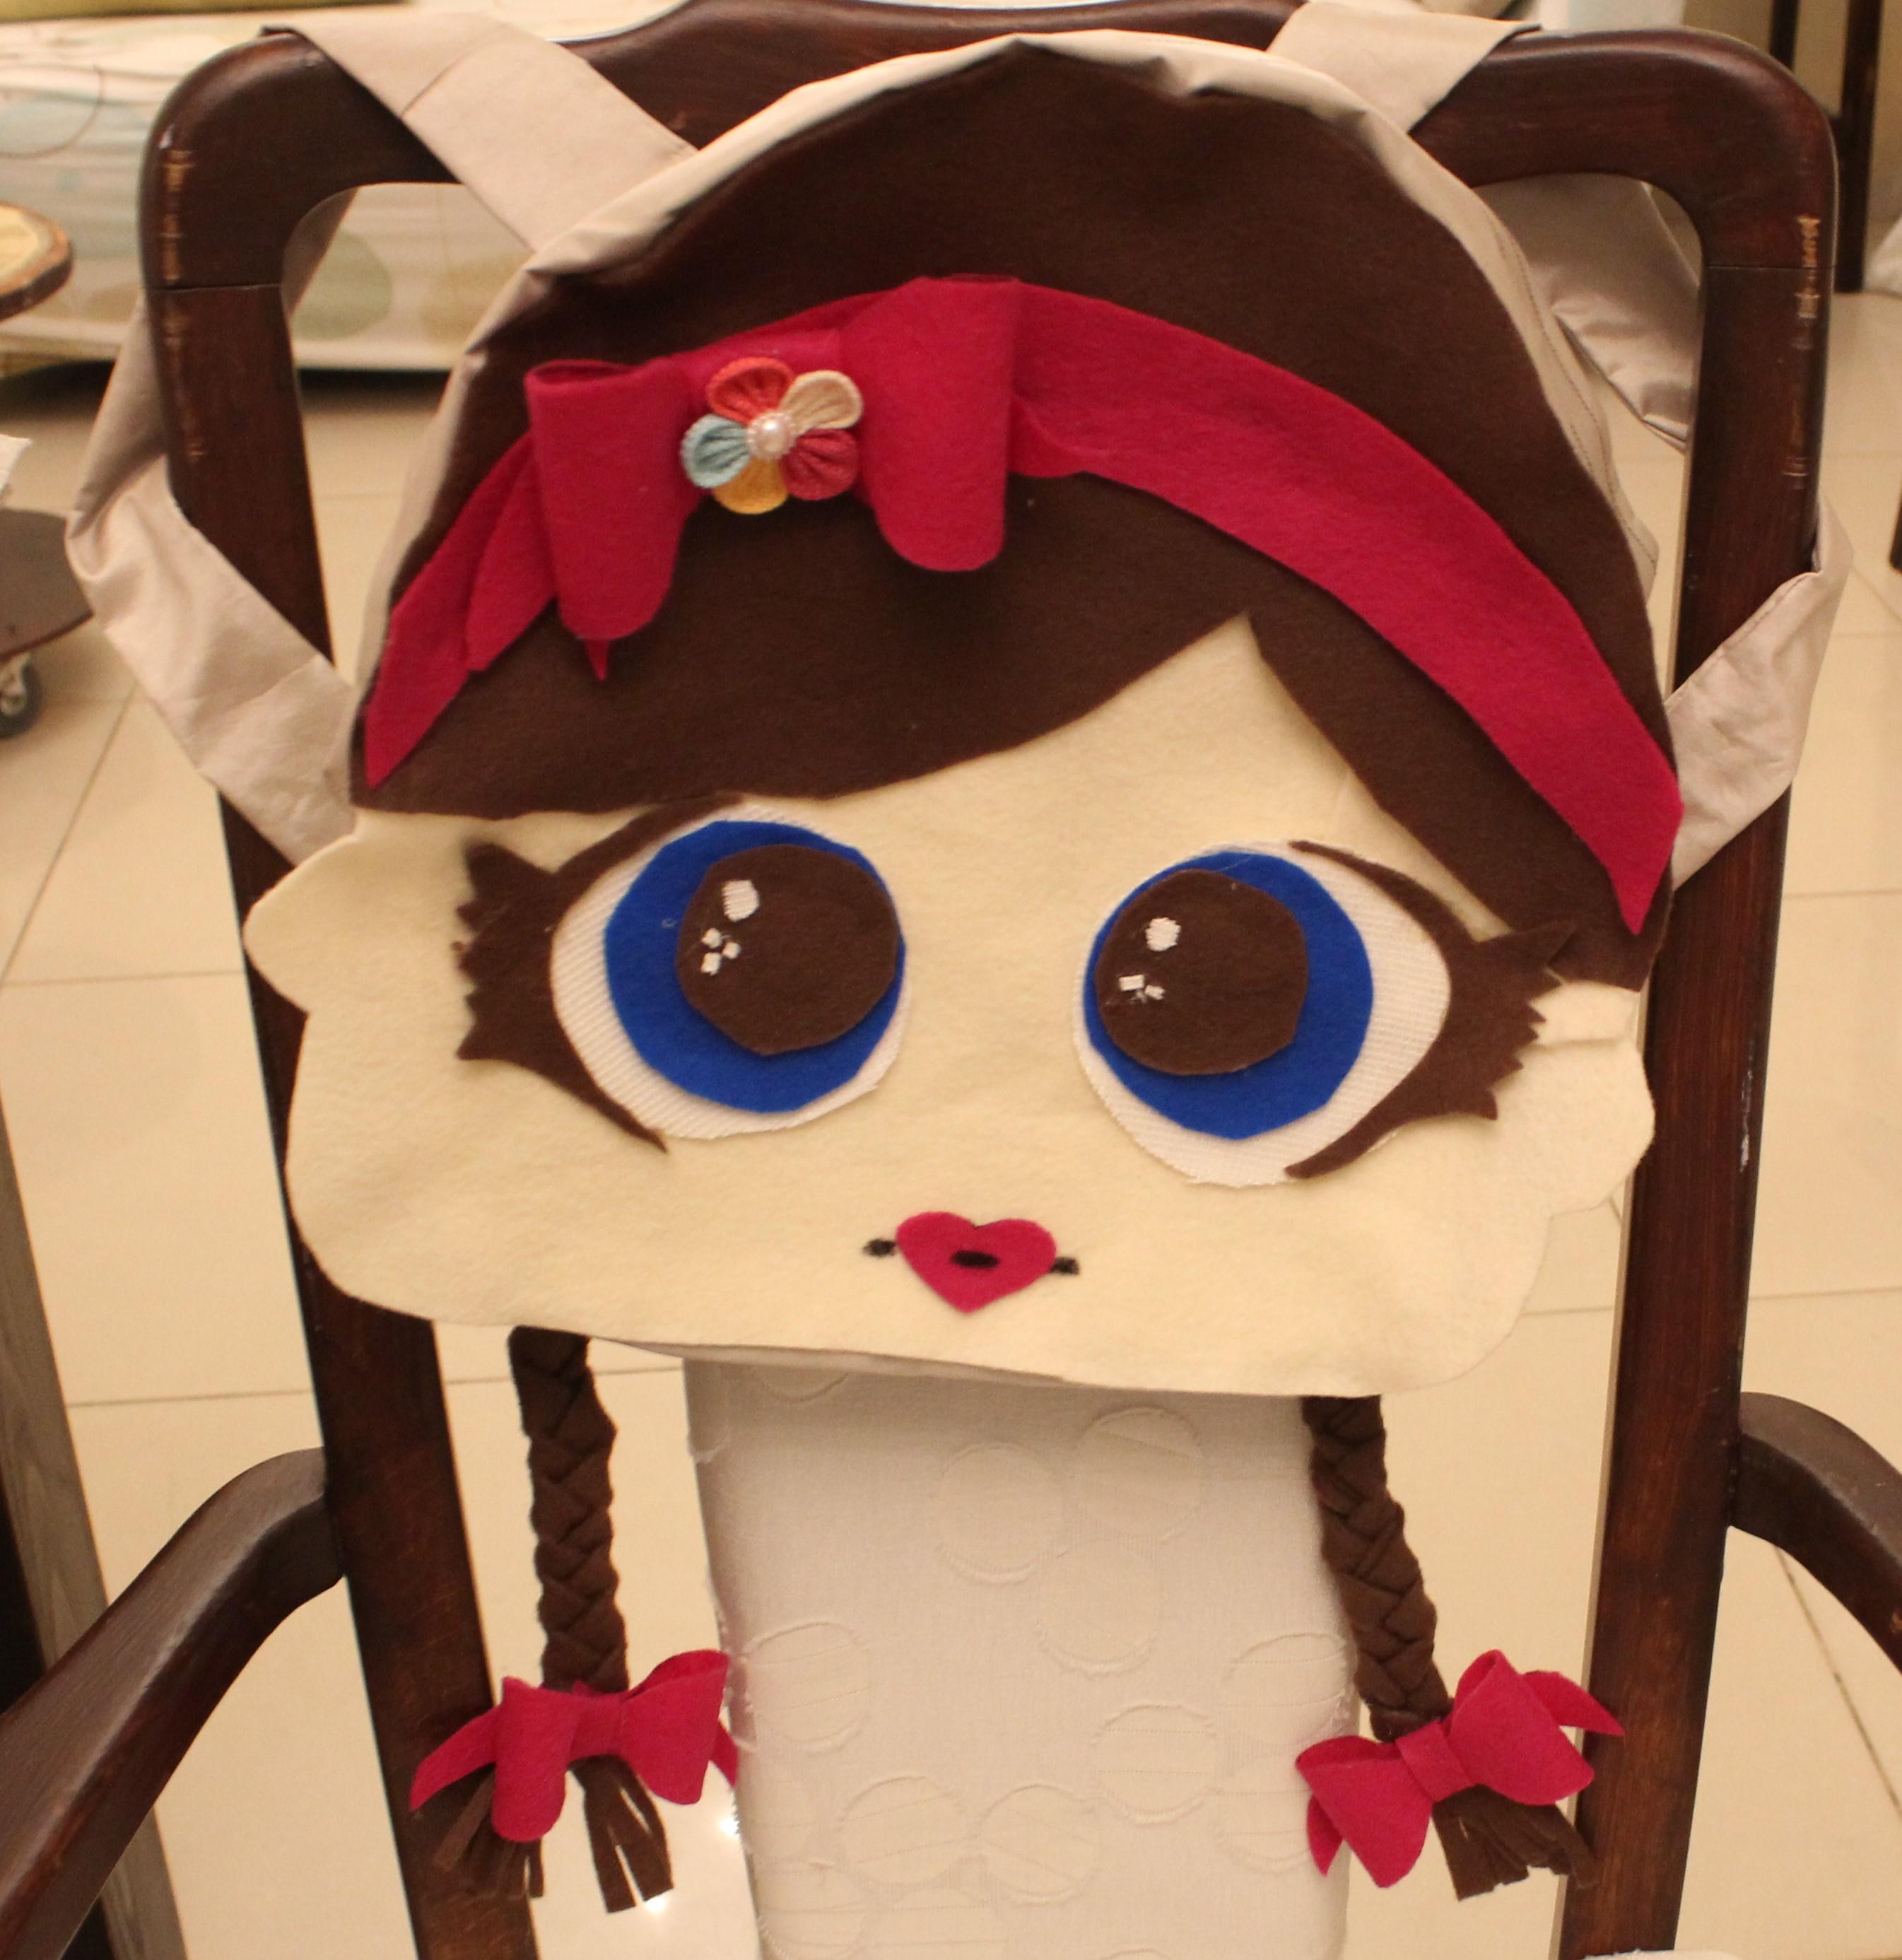 IMG 6090 - התיק של הילדה שלי